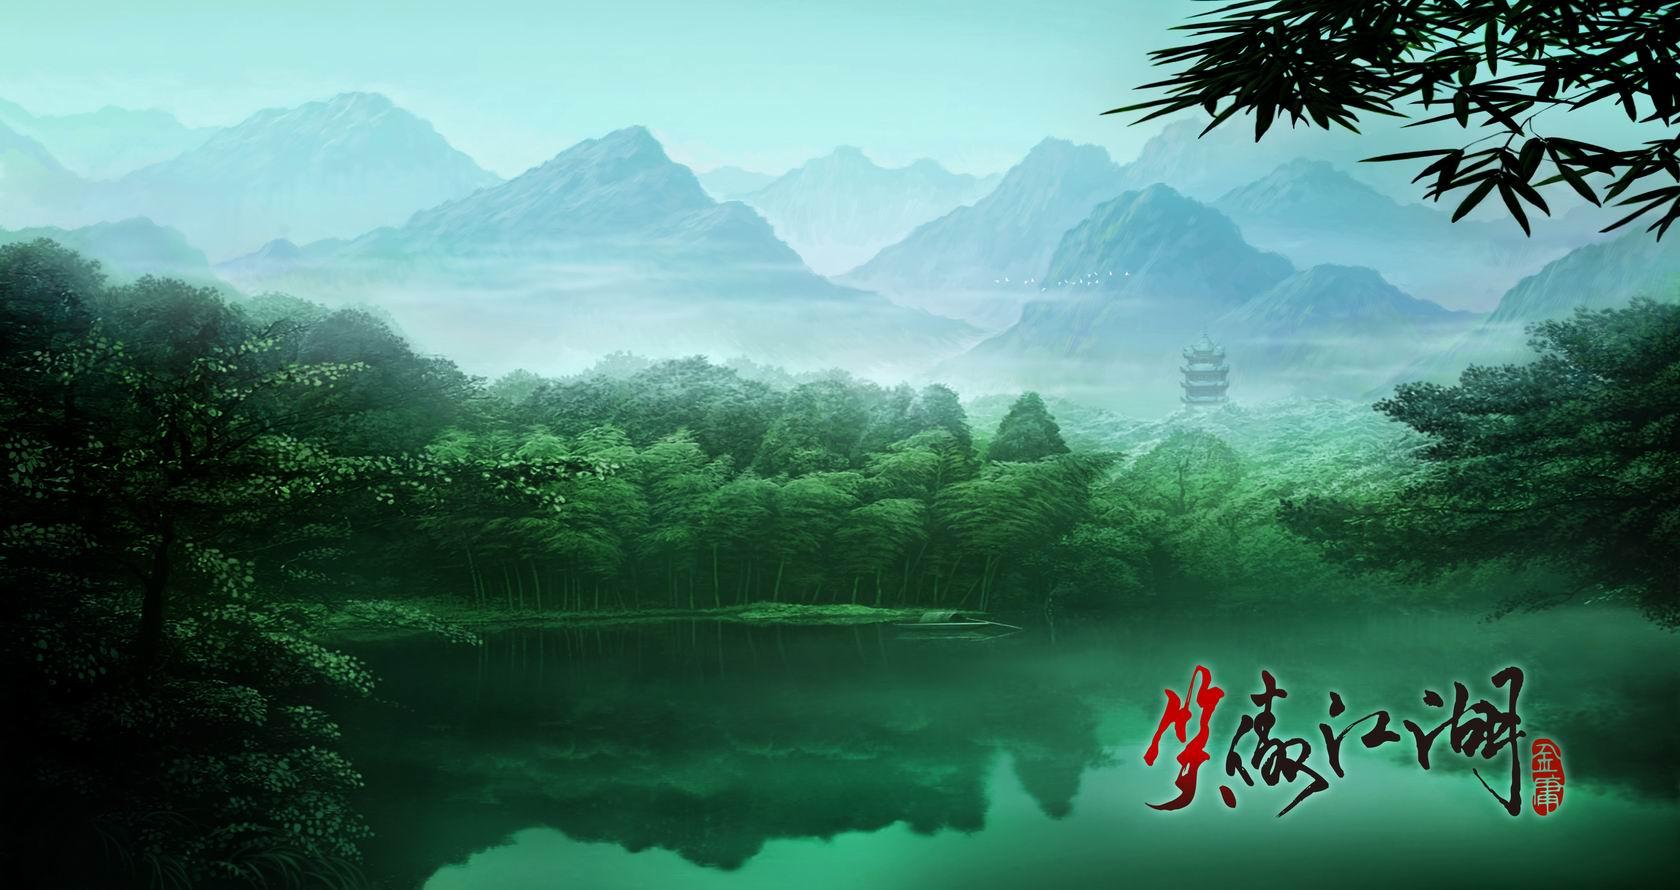 壁纸 风景 摄影 桌面 1680_890